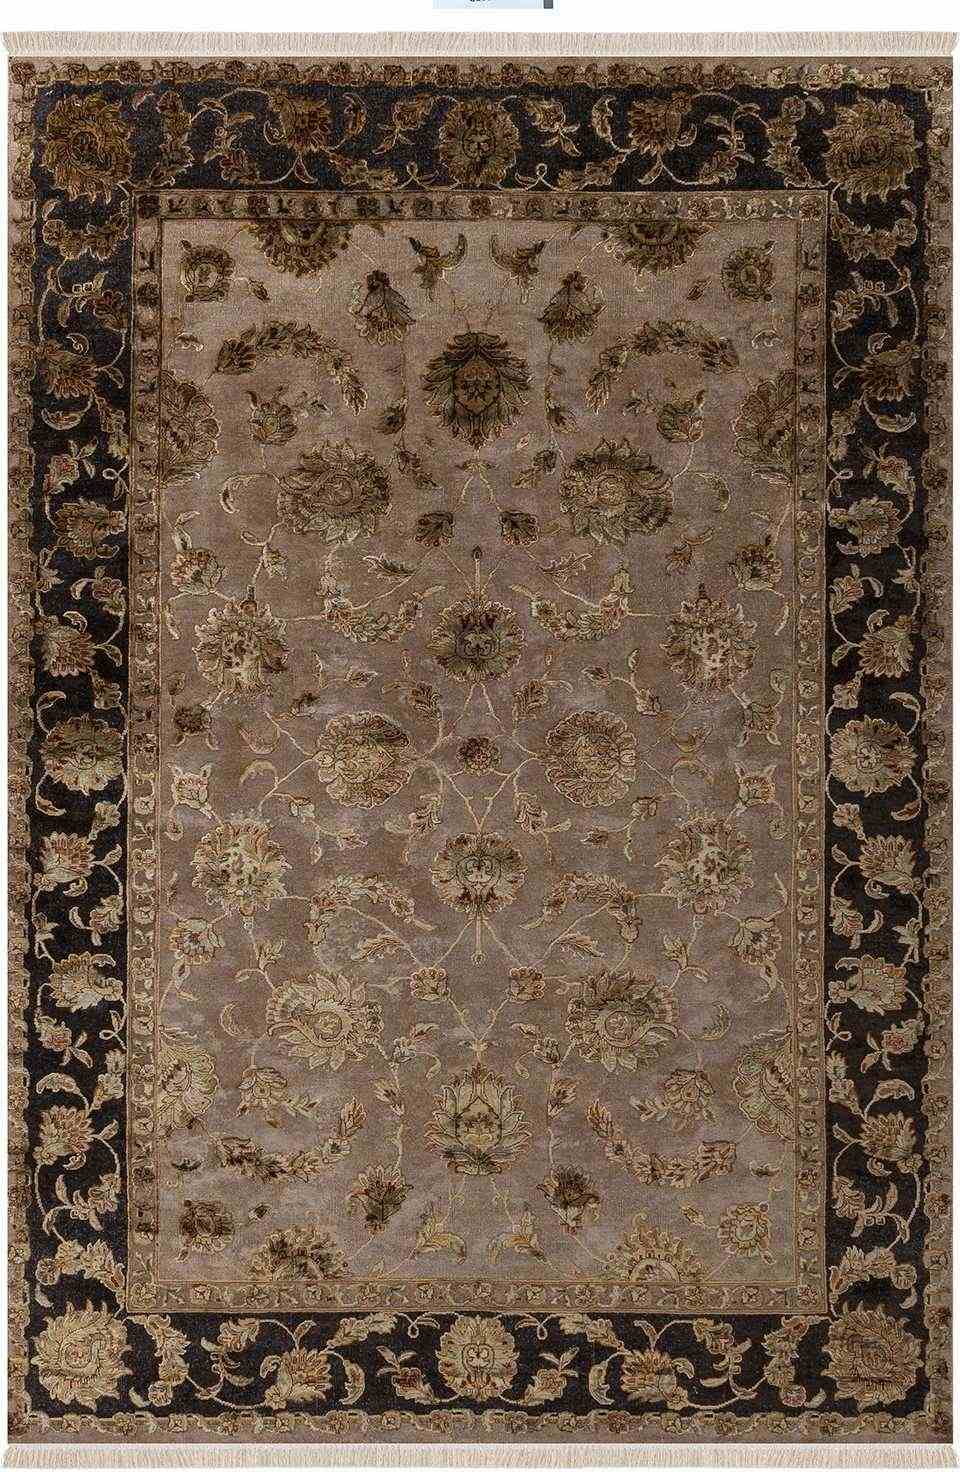 Ковер ручной работы коллекции «Royal Amer» 49086, 295x202 см